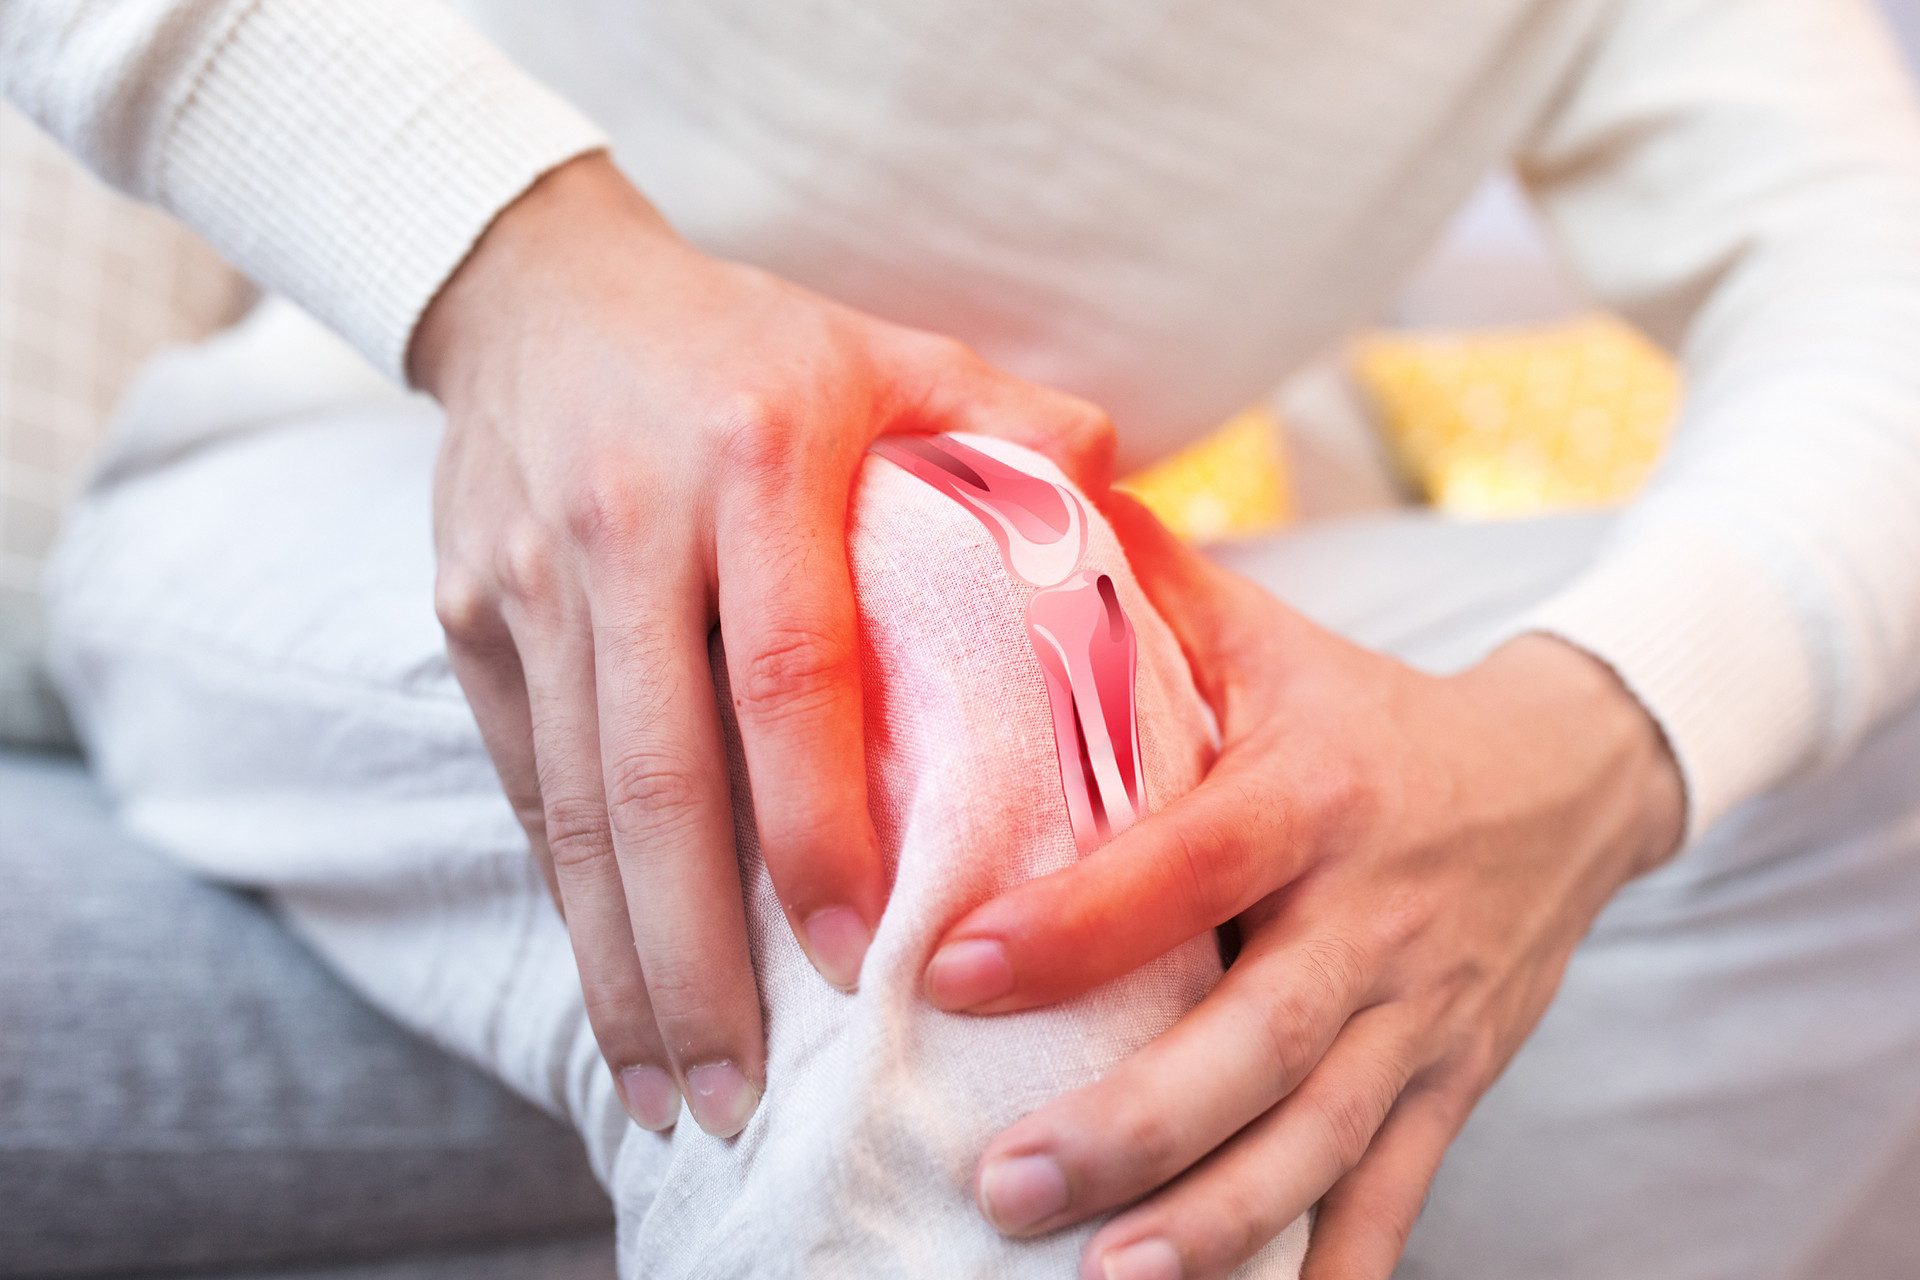 痛风该如何预防和治疗?痛风该吃什么药?